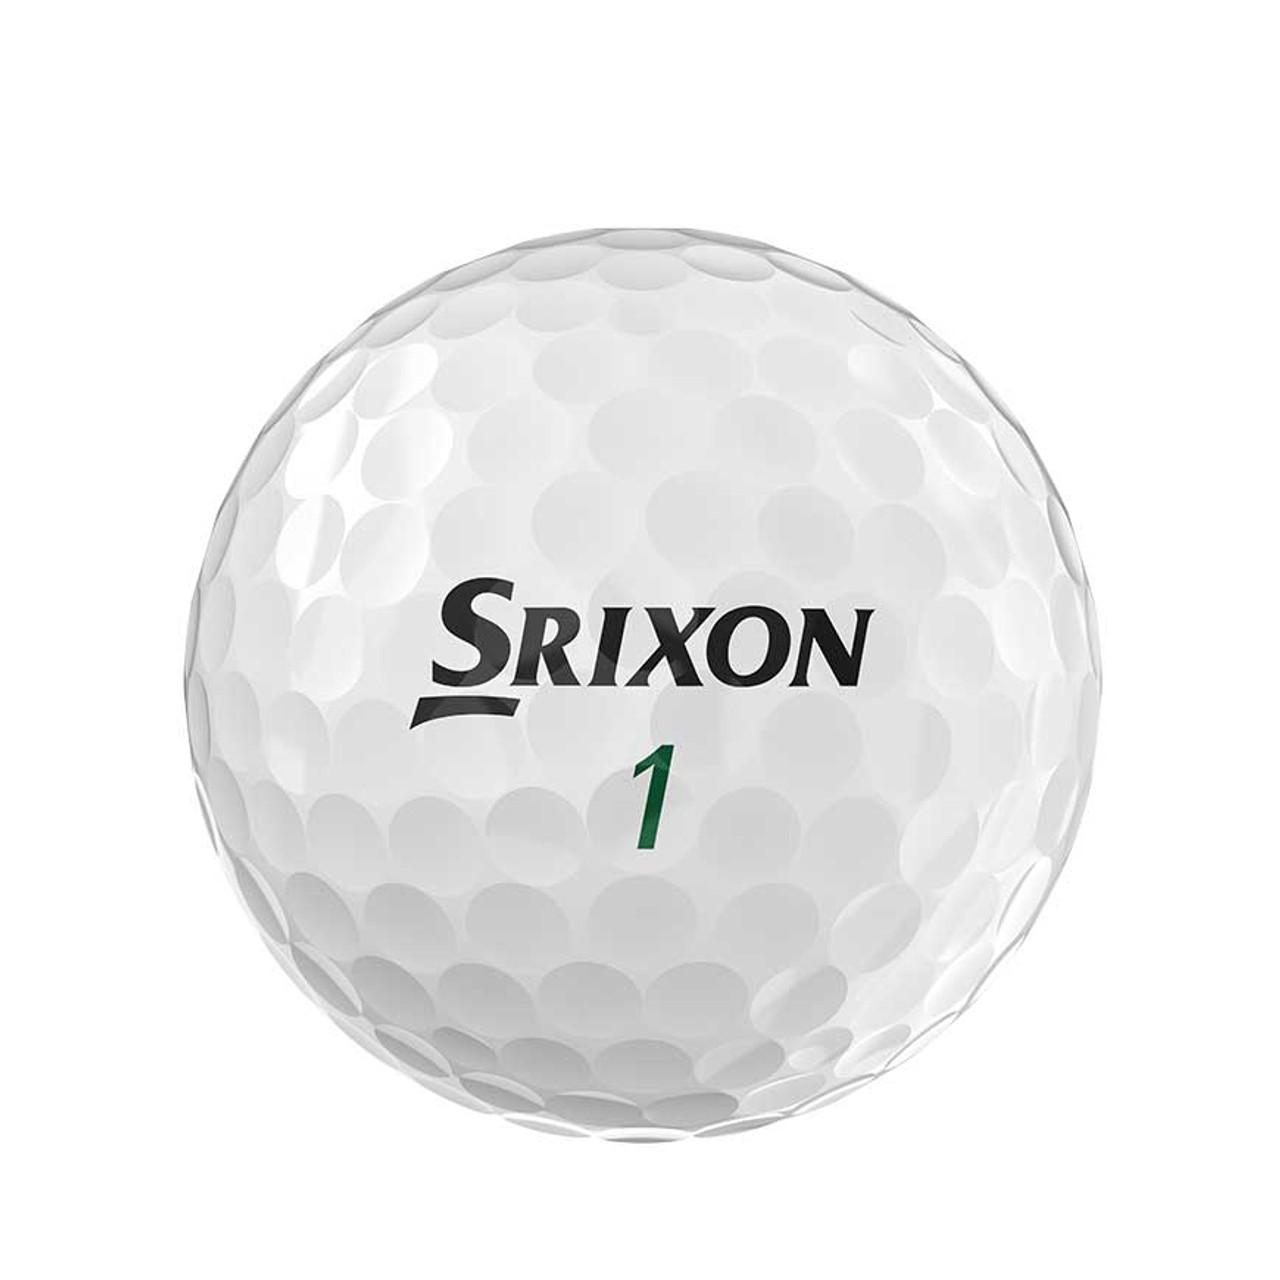 Srixon Soft Feel 12 Dozen Golf Balls - White